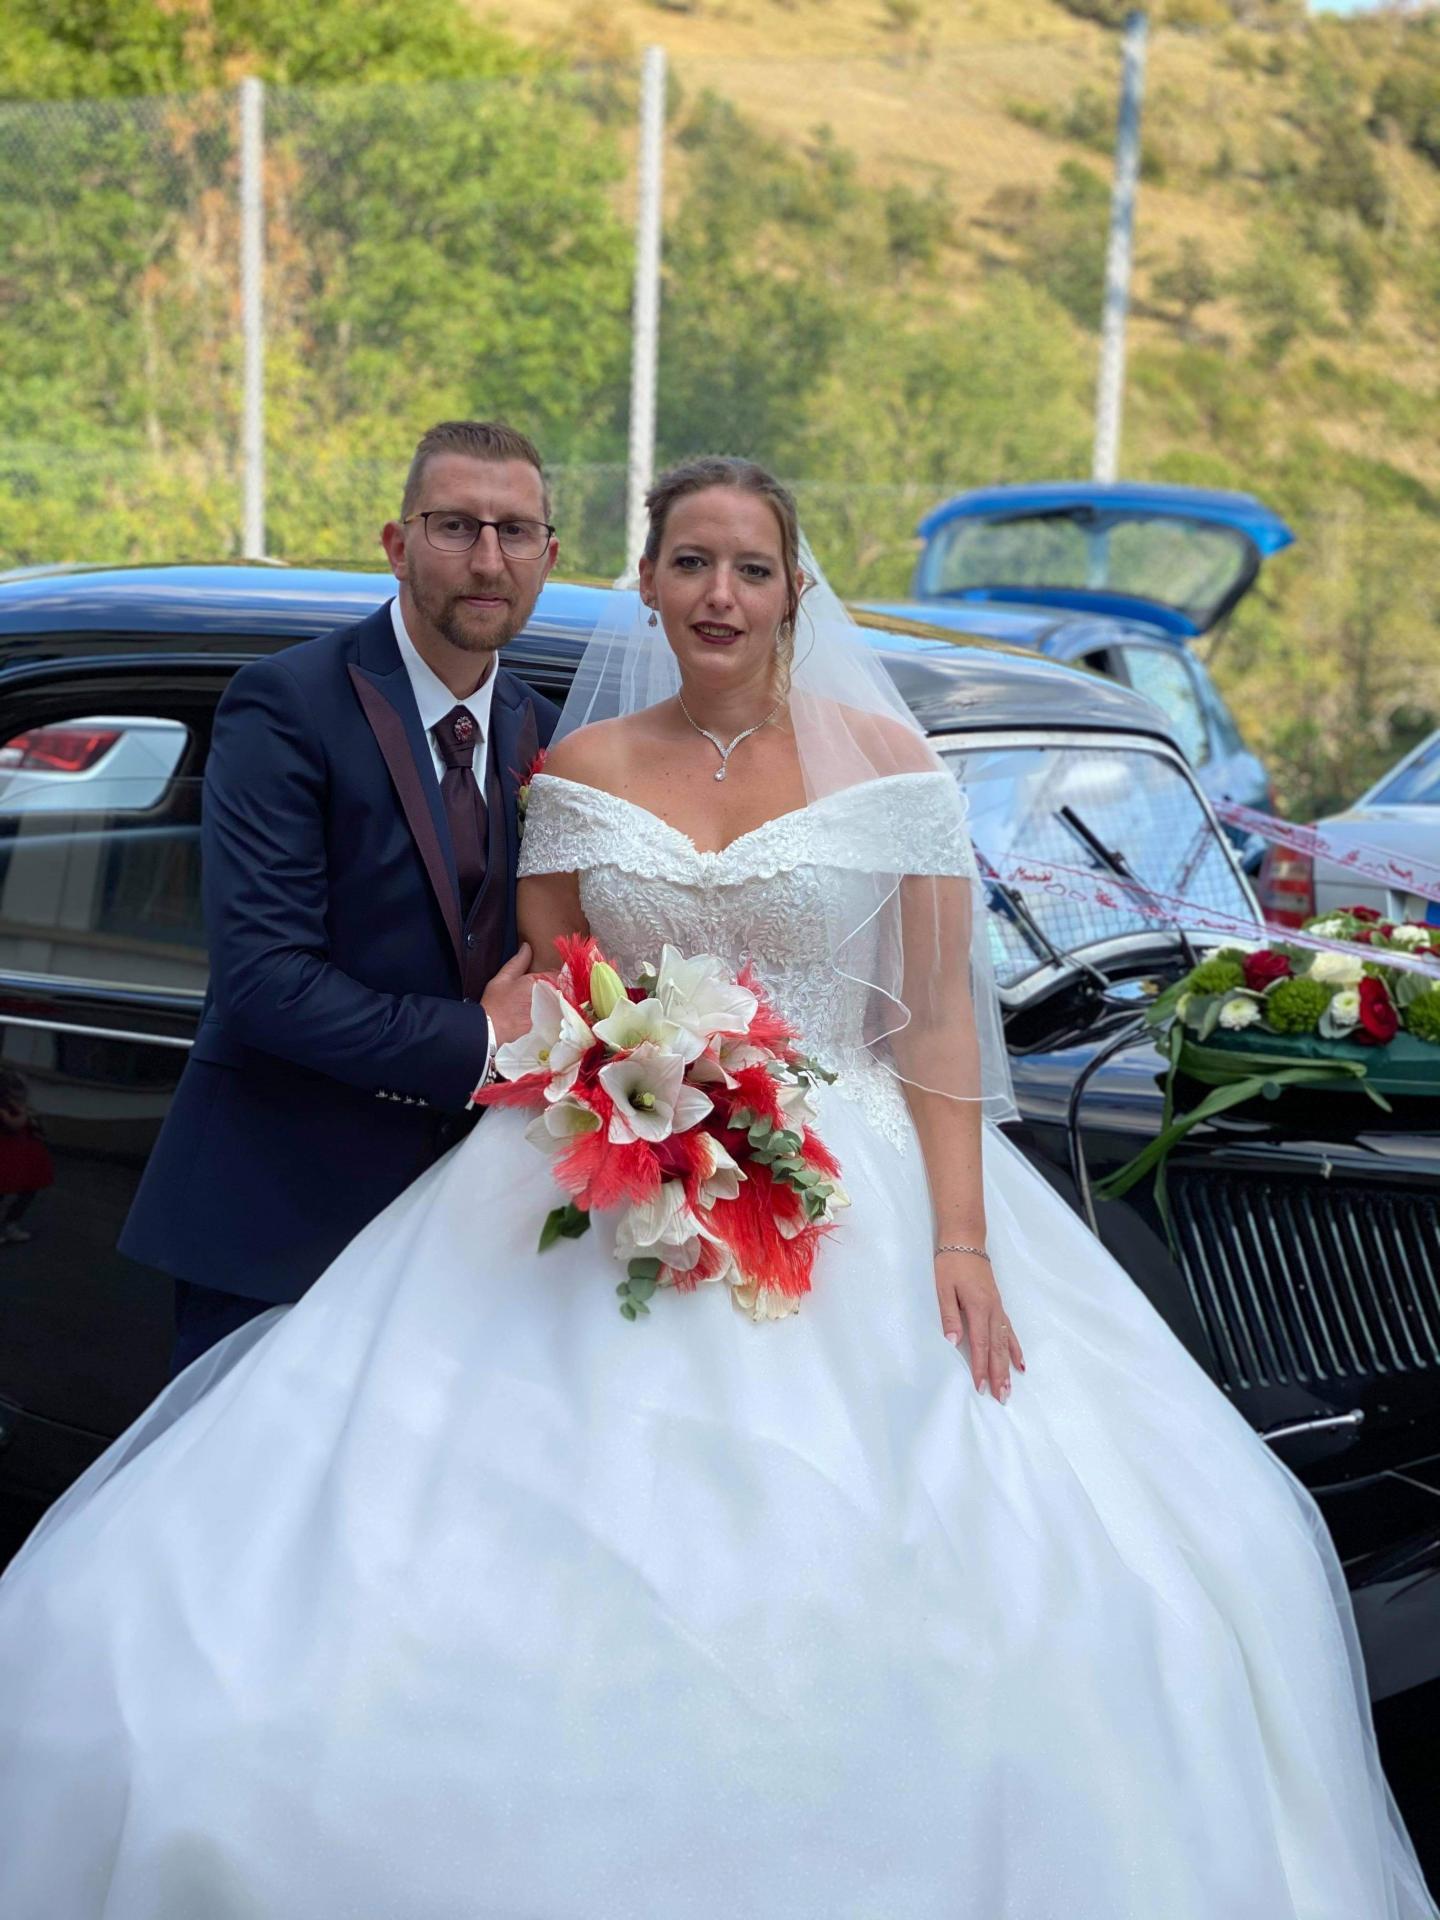 19 septembre à Traubach le Haut: Mme Sabrina Blaison et M. David Wioland